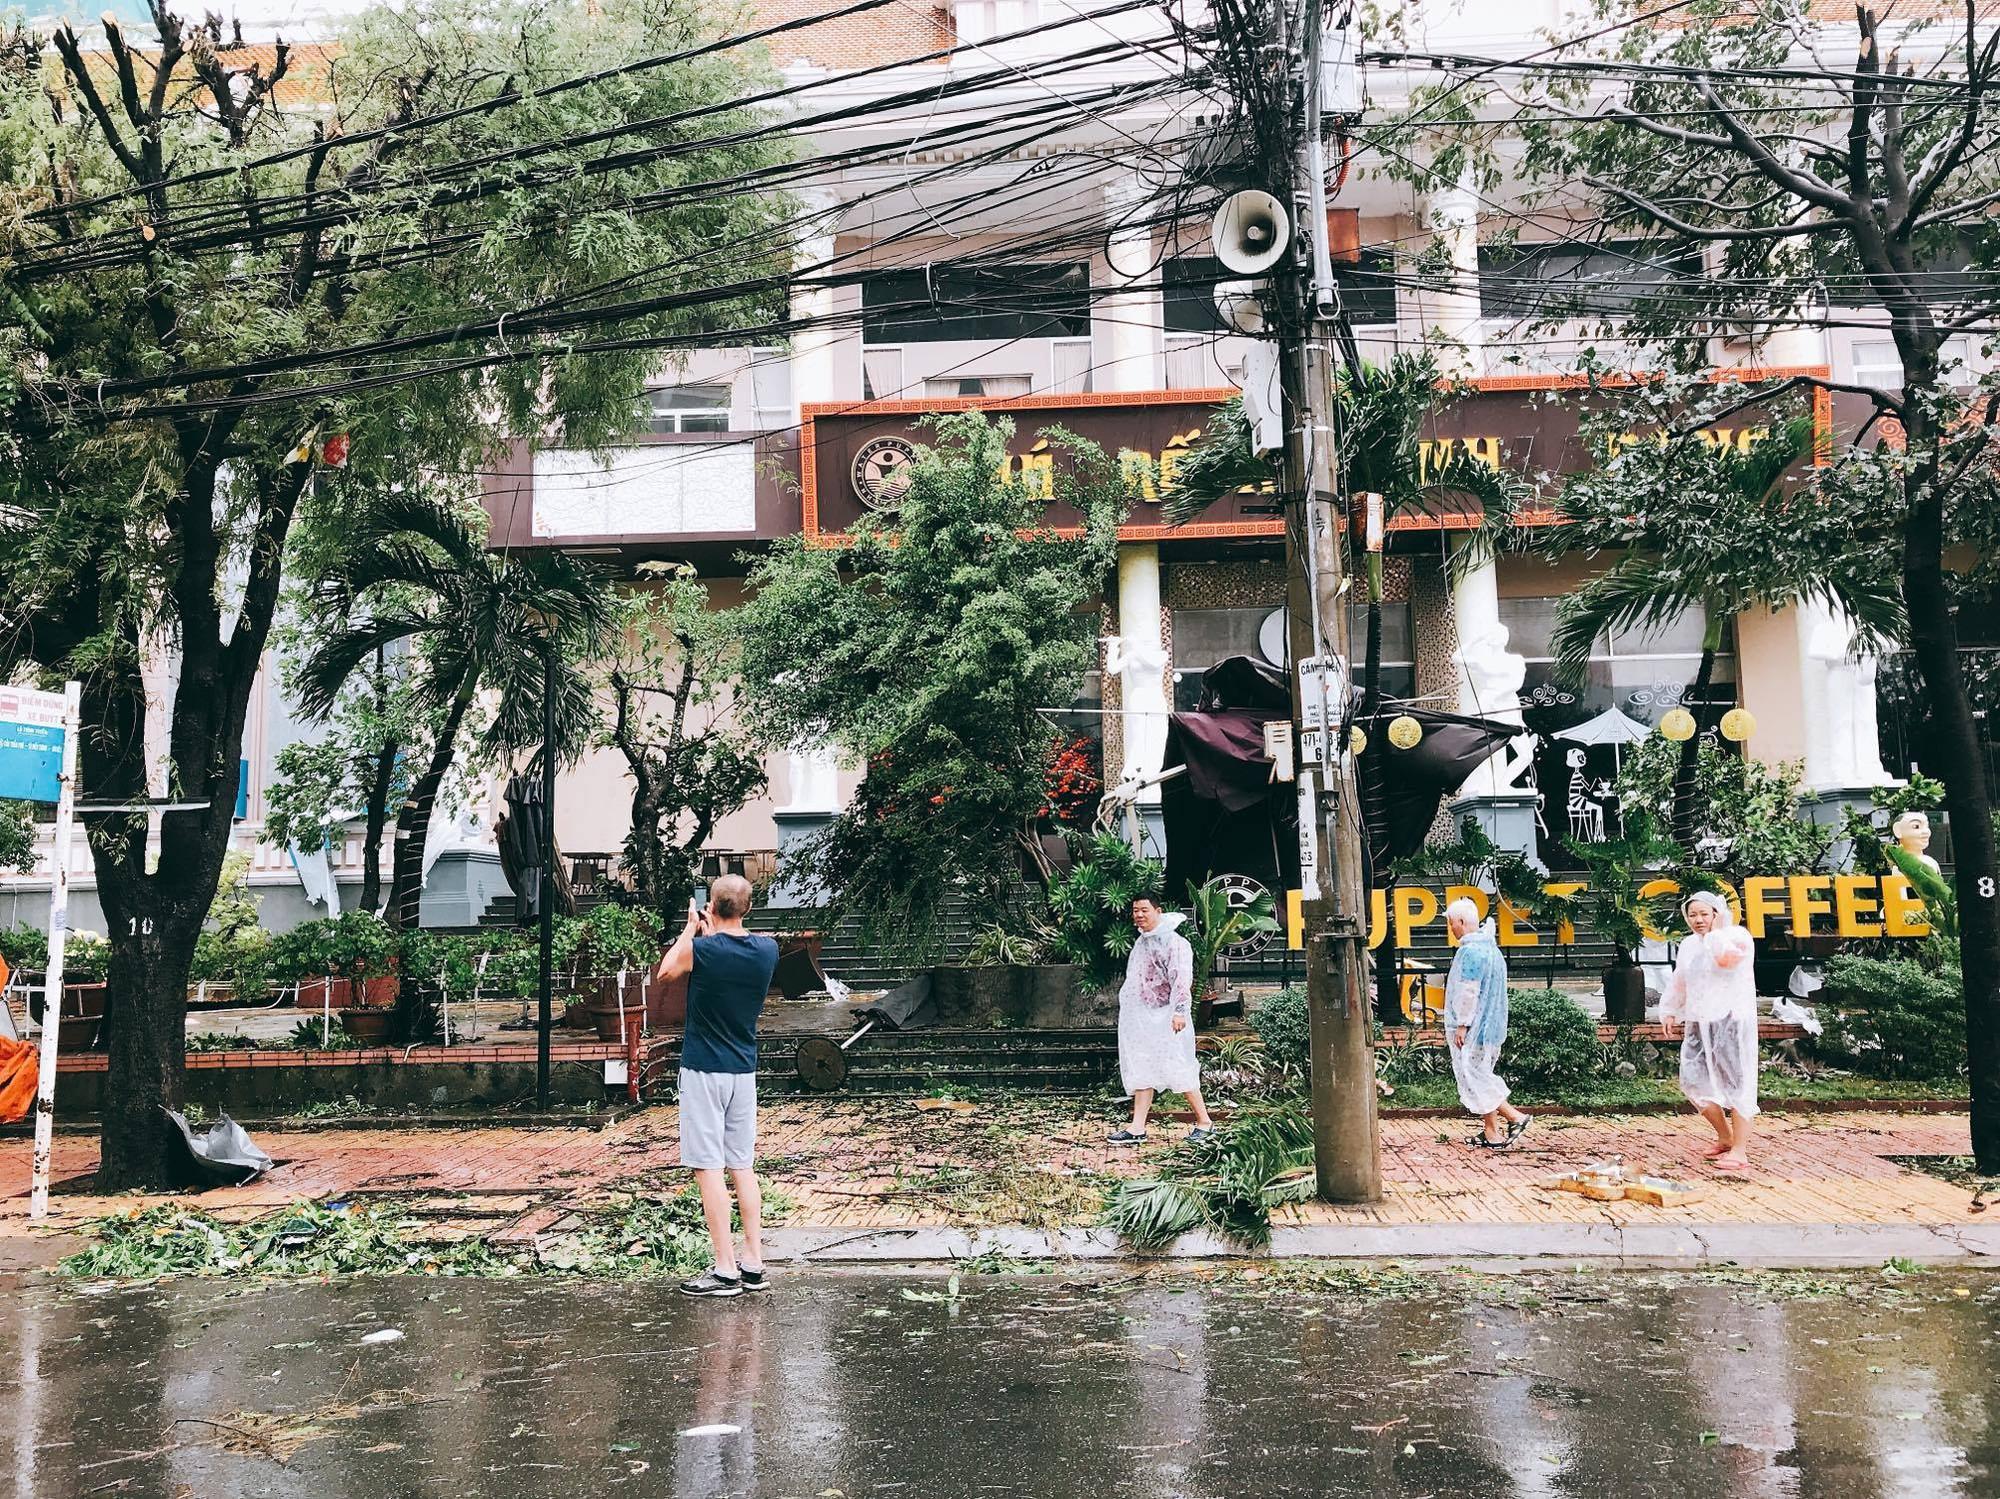 Chùm ảnh: Đường phố Nha Trang tan tác sau khi cơn bão số 12 càn quét - Ảnh 4.